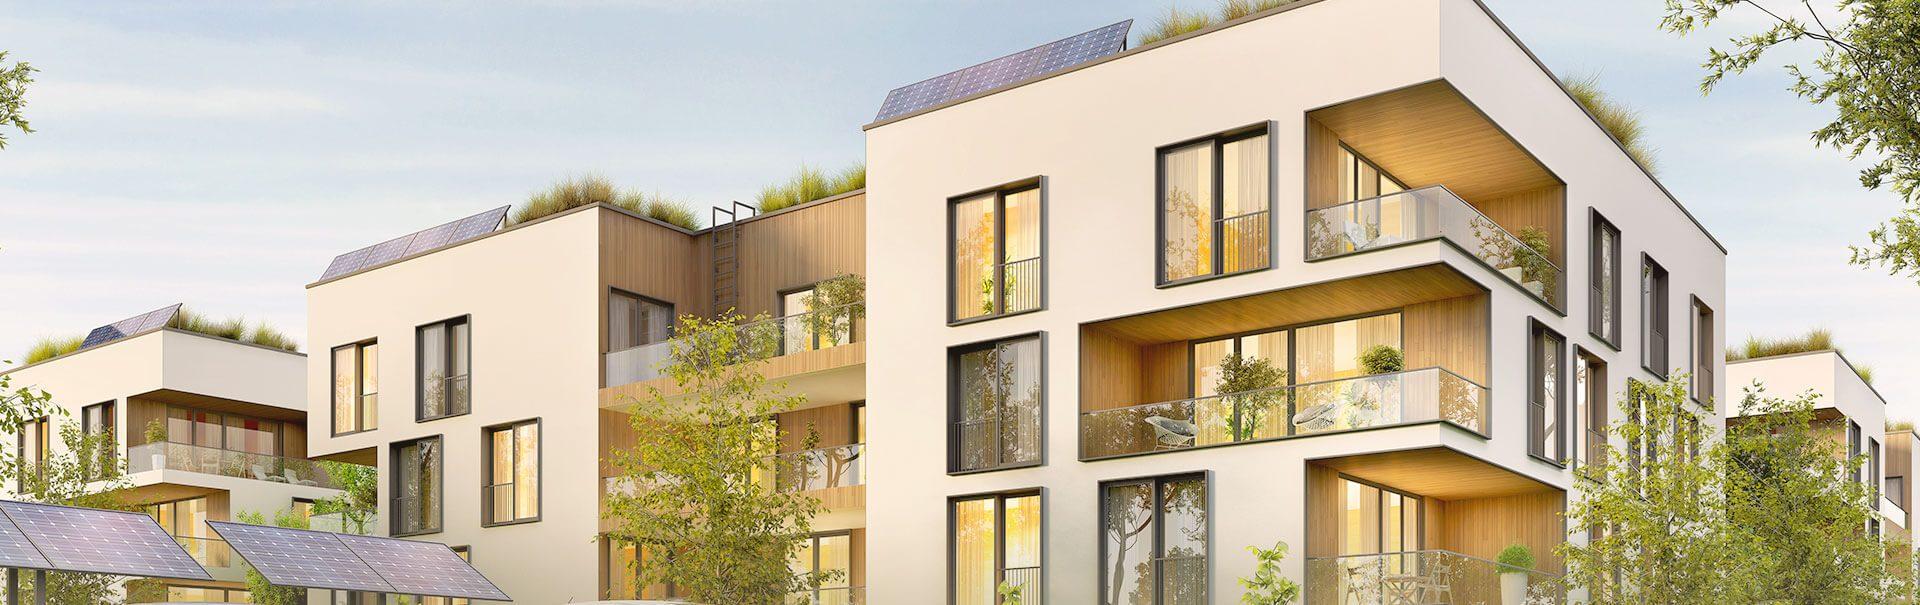 header_Wohnung-verkaufen